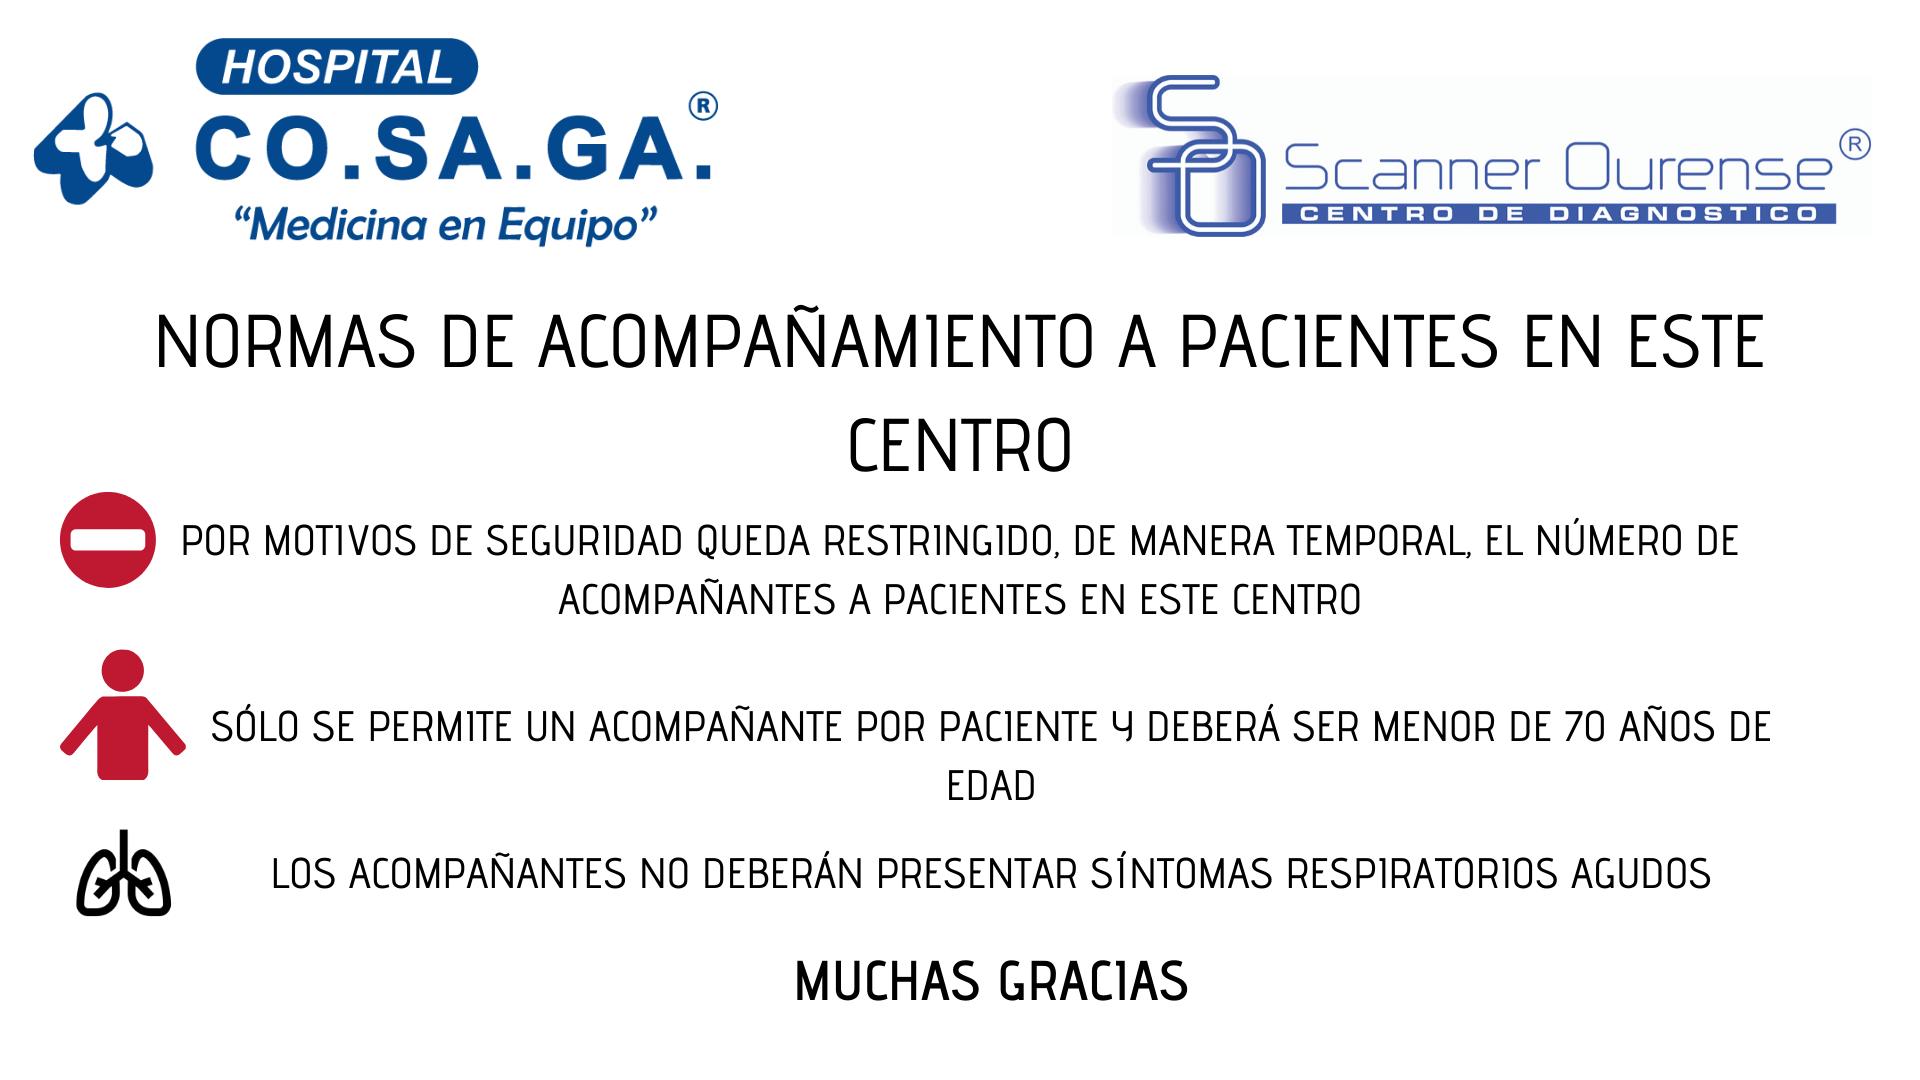 Normas de acompañamiento a pacientes en el Hospital Cosaga durante la crisis sanitaria por Covid-19